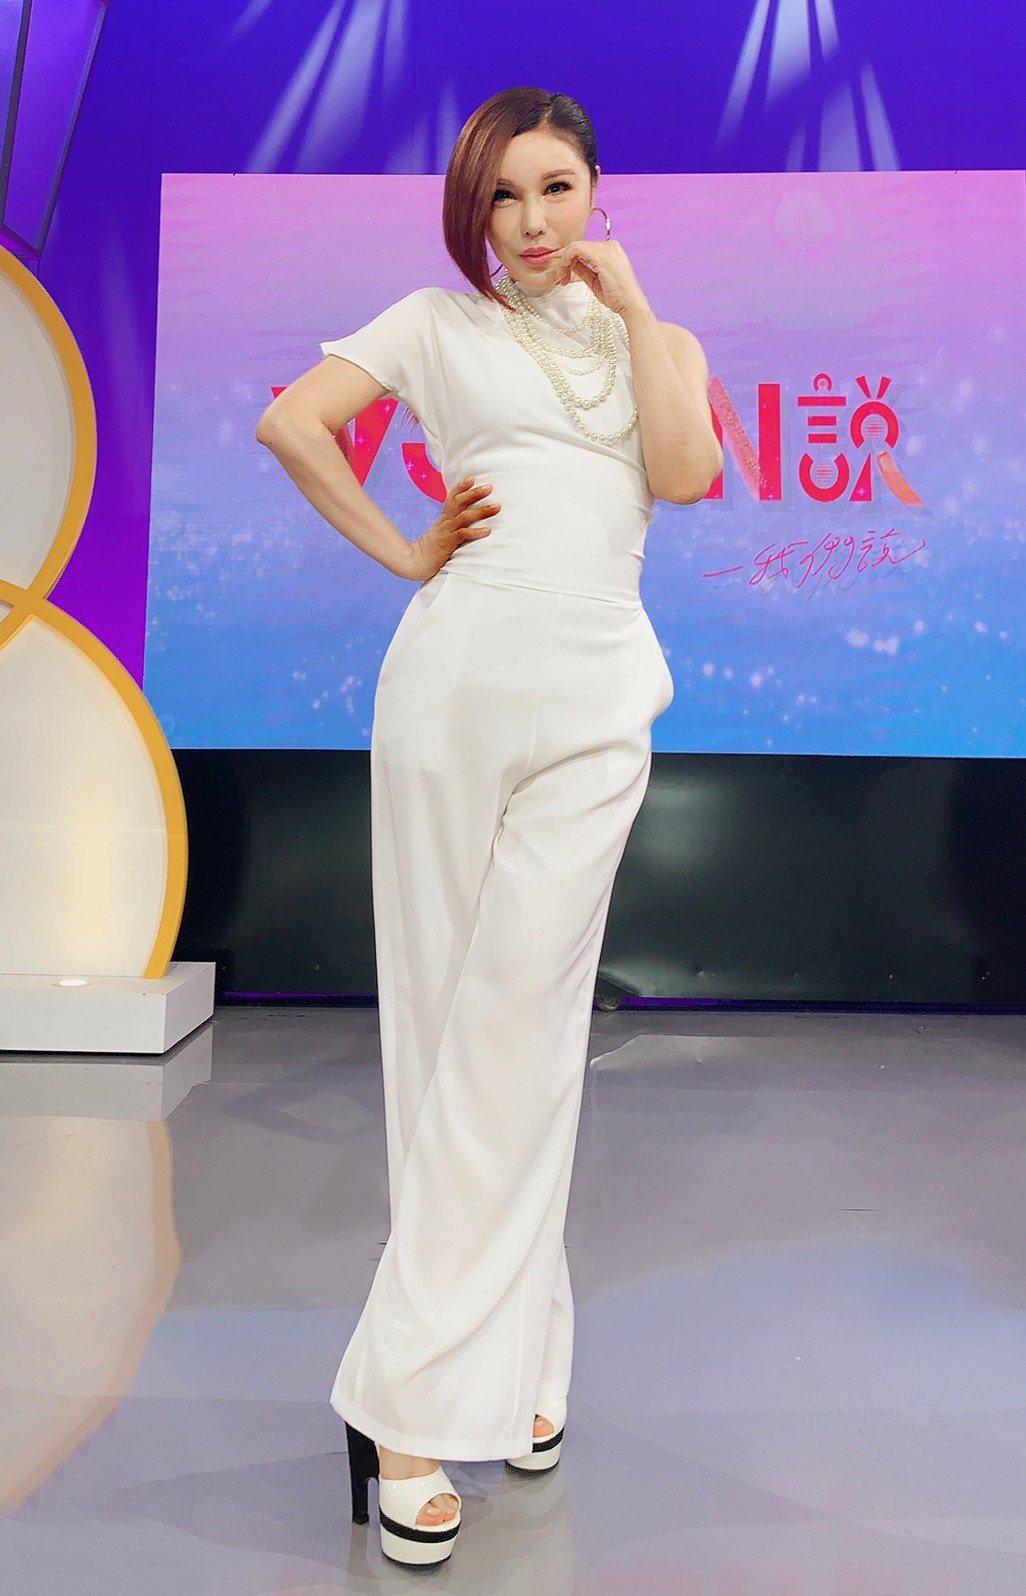 利菁主持東風新節目「WOMEN說」。圖/東風提供